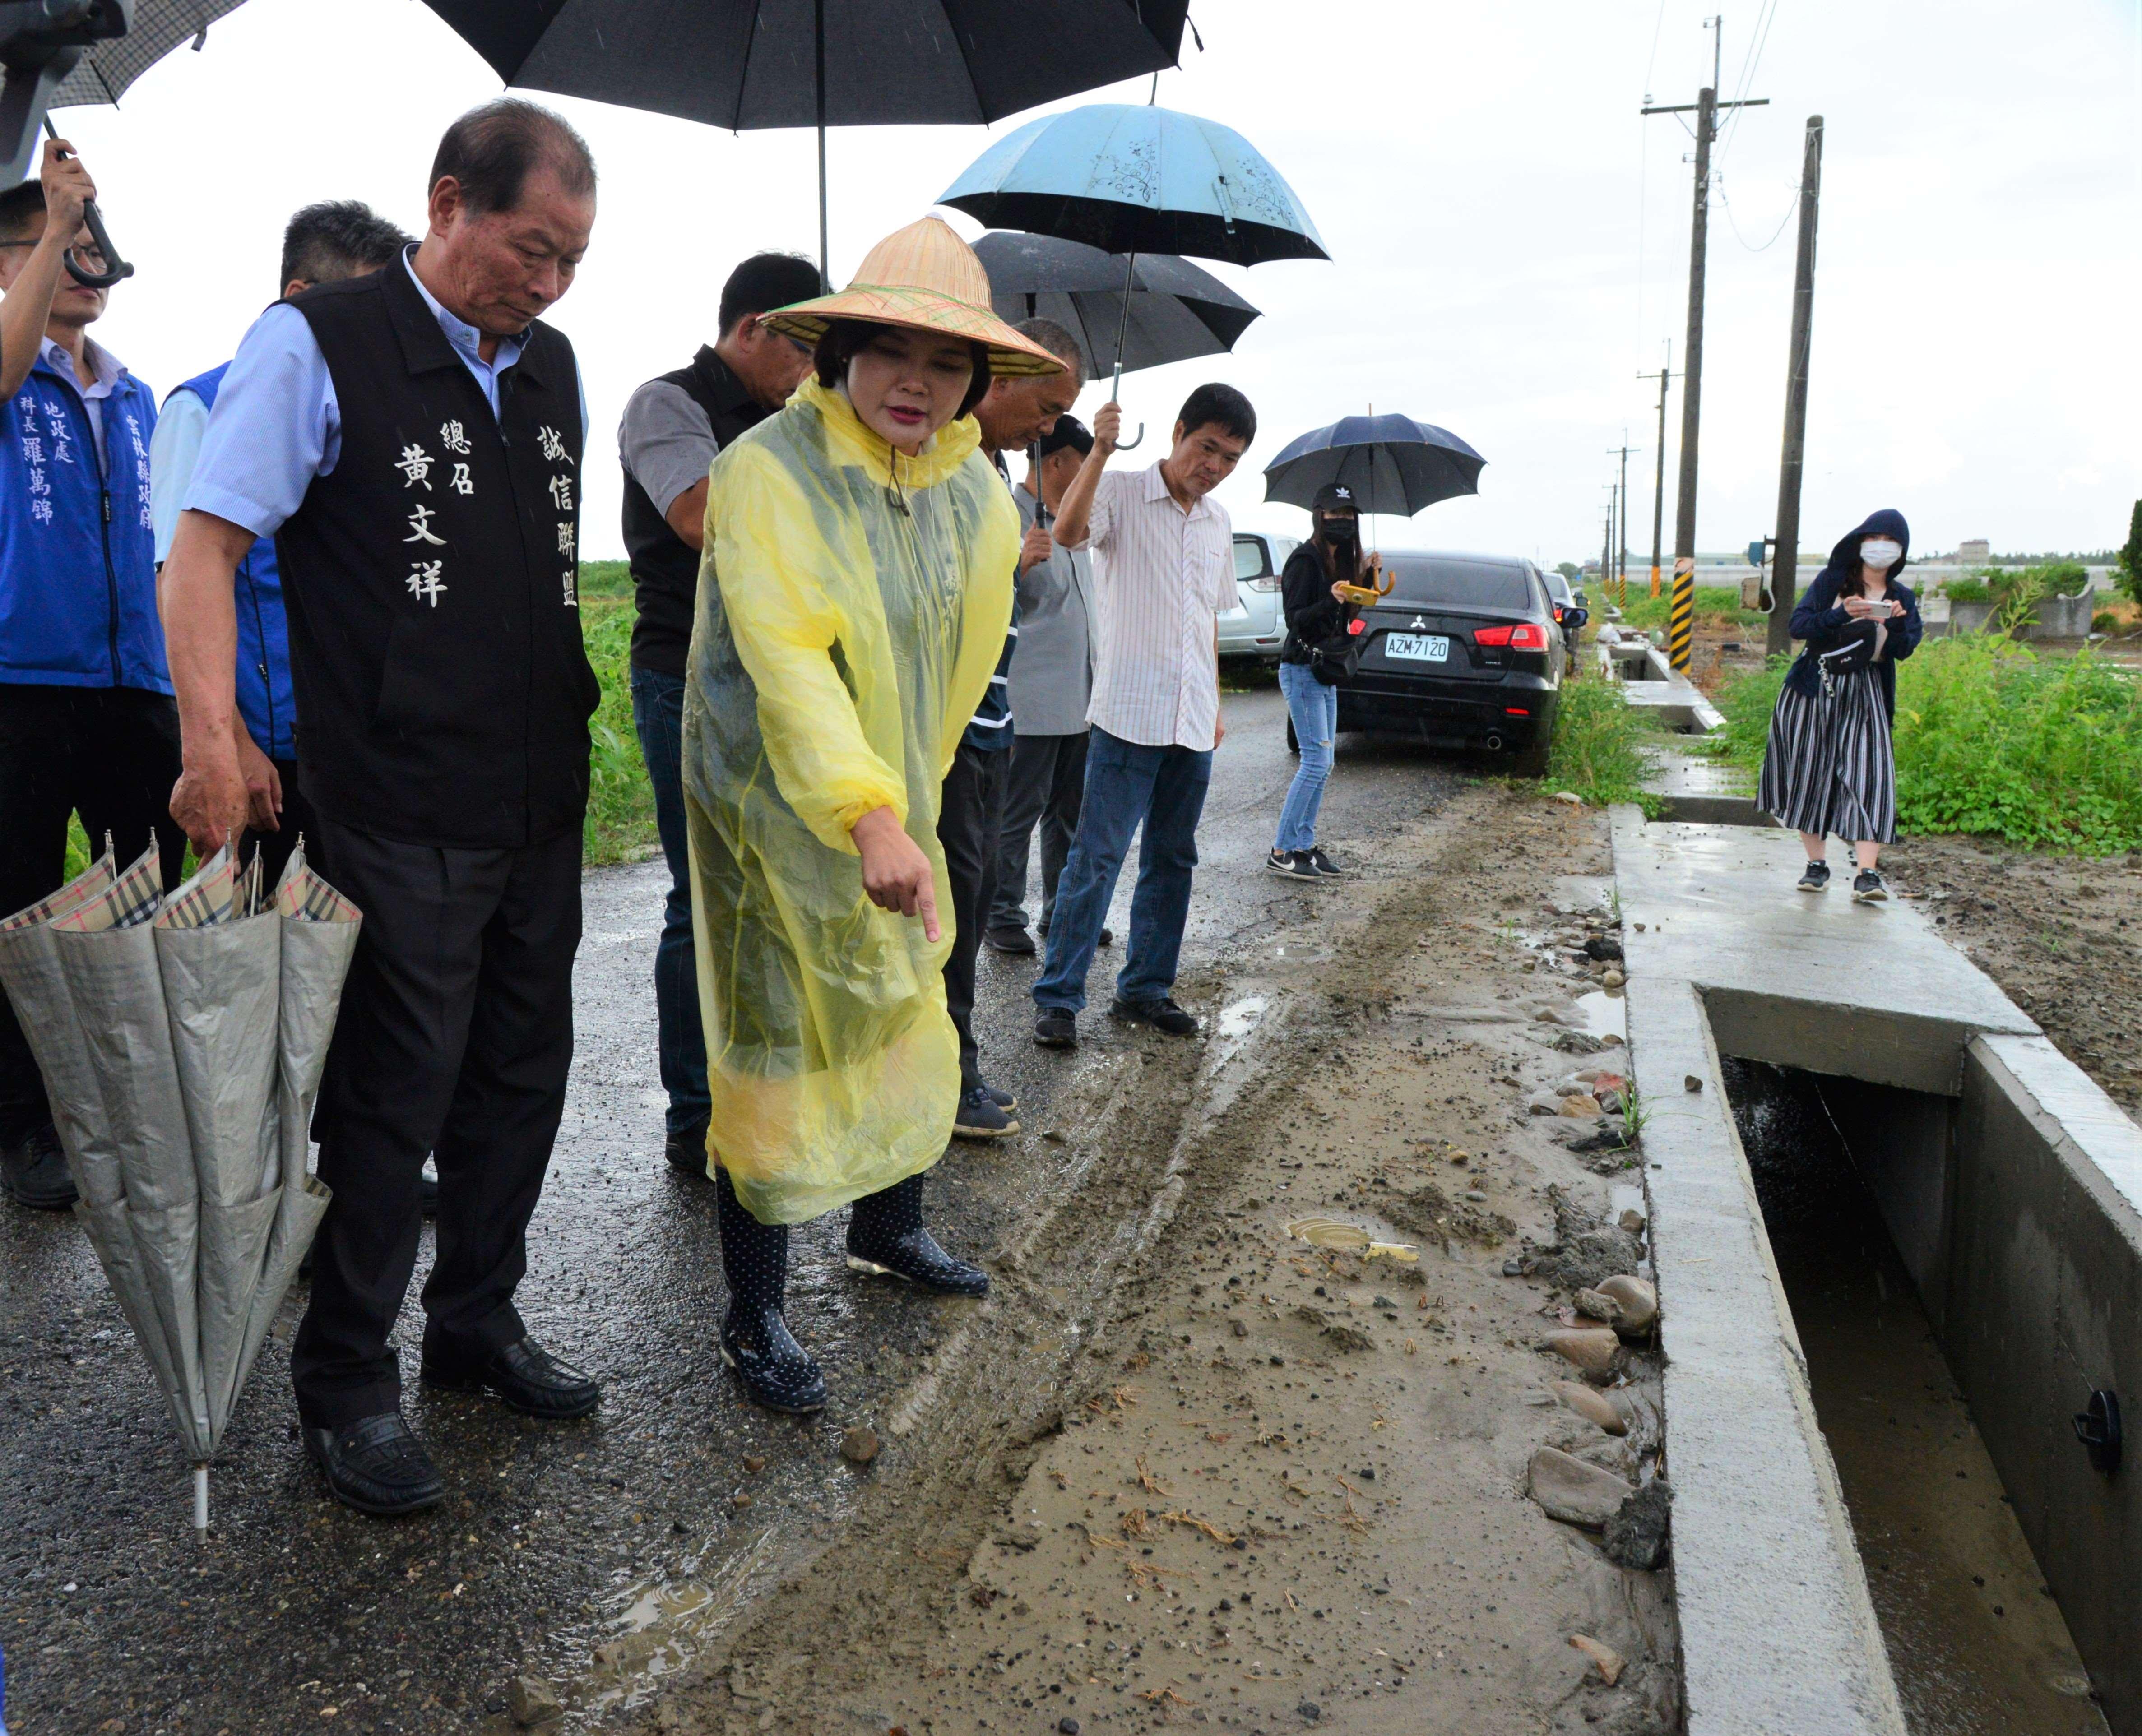 張縣長會勘北港、口湖農地重劃區,允諾將籌措近千萬改善農水路。